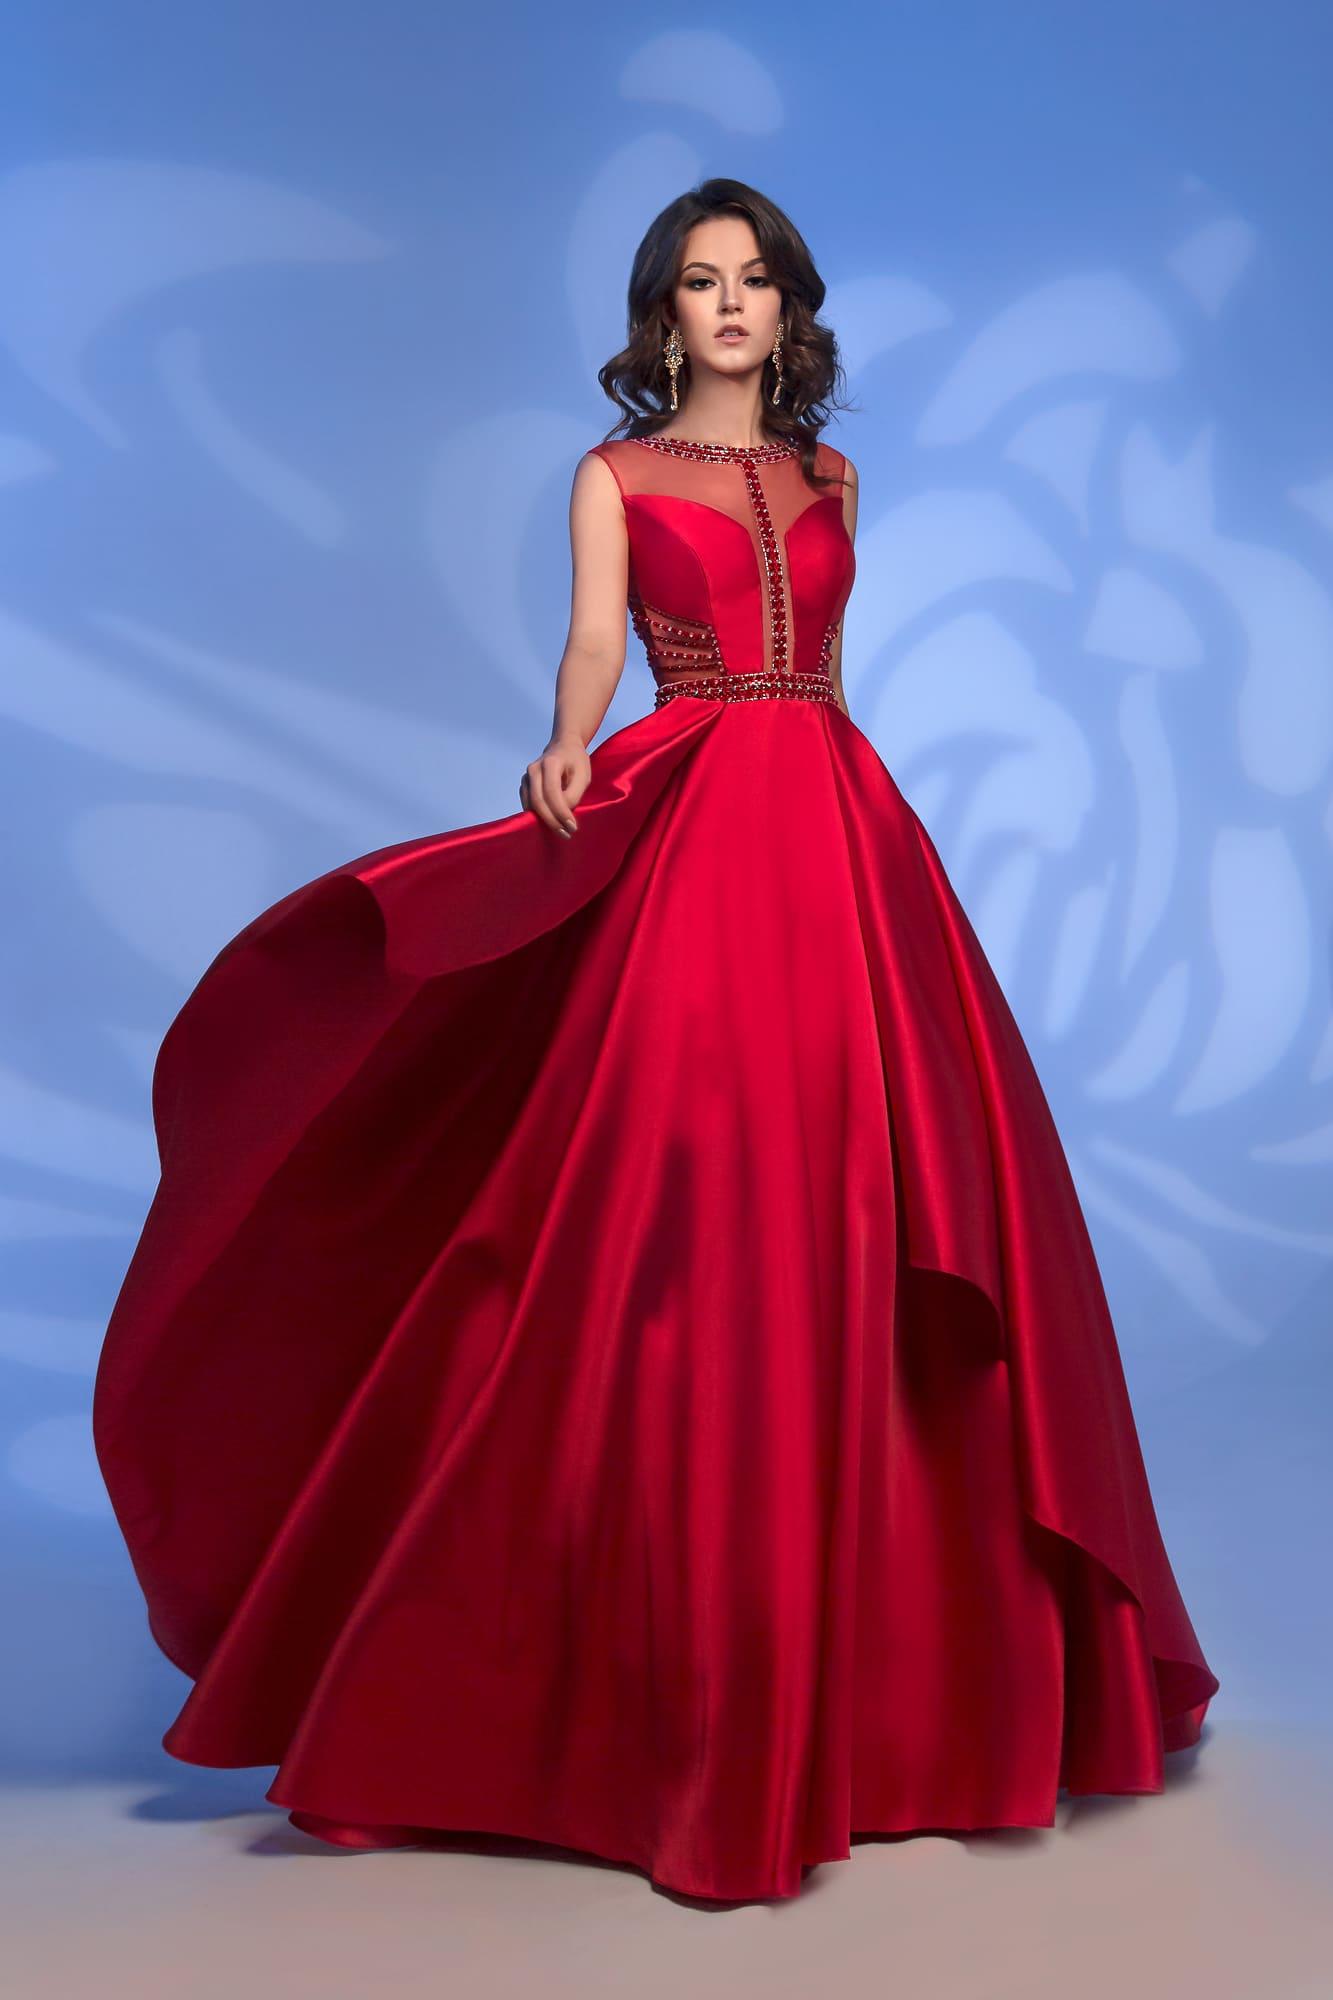 платье на свадьбу красное купить